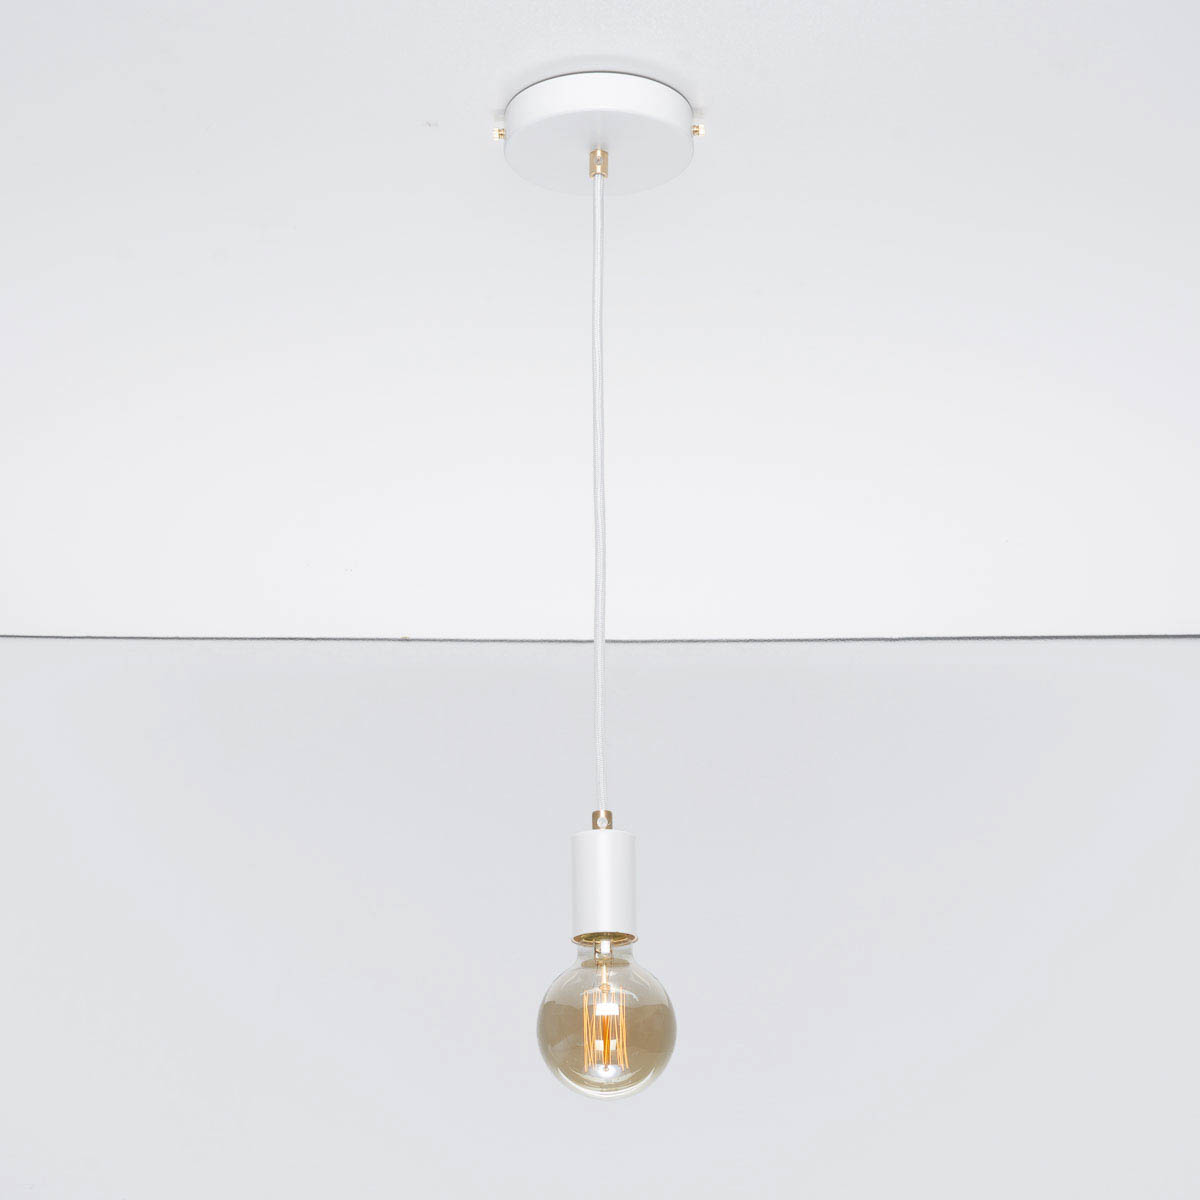 Потолочный светильник Bjorn белый